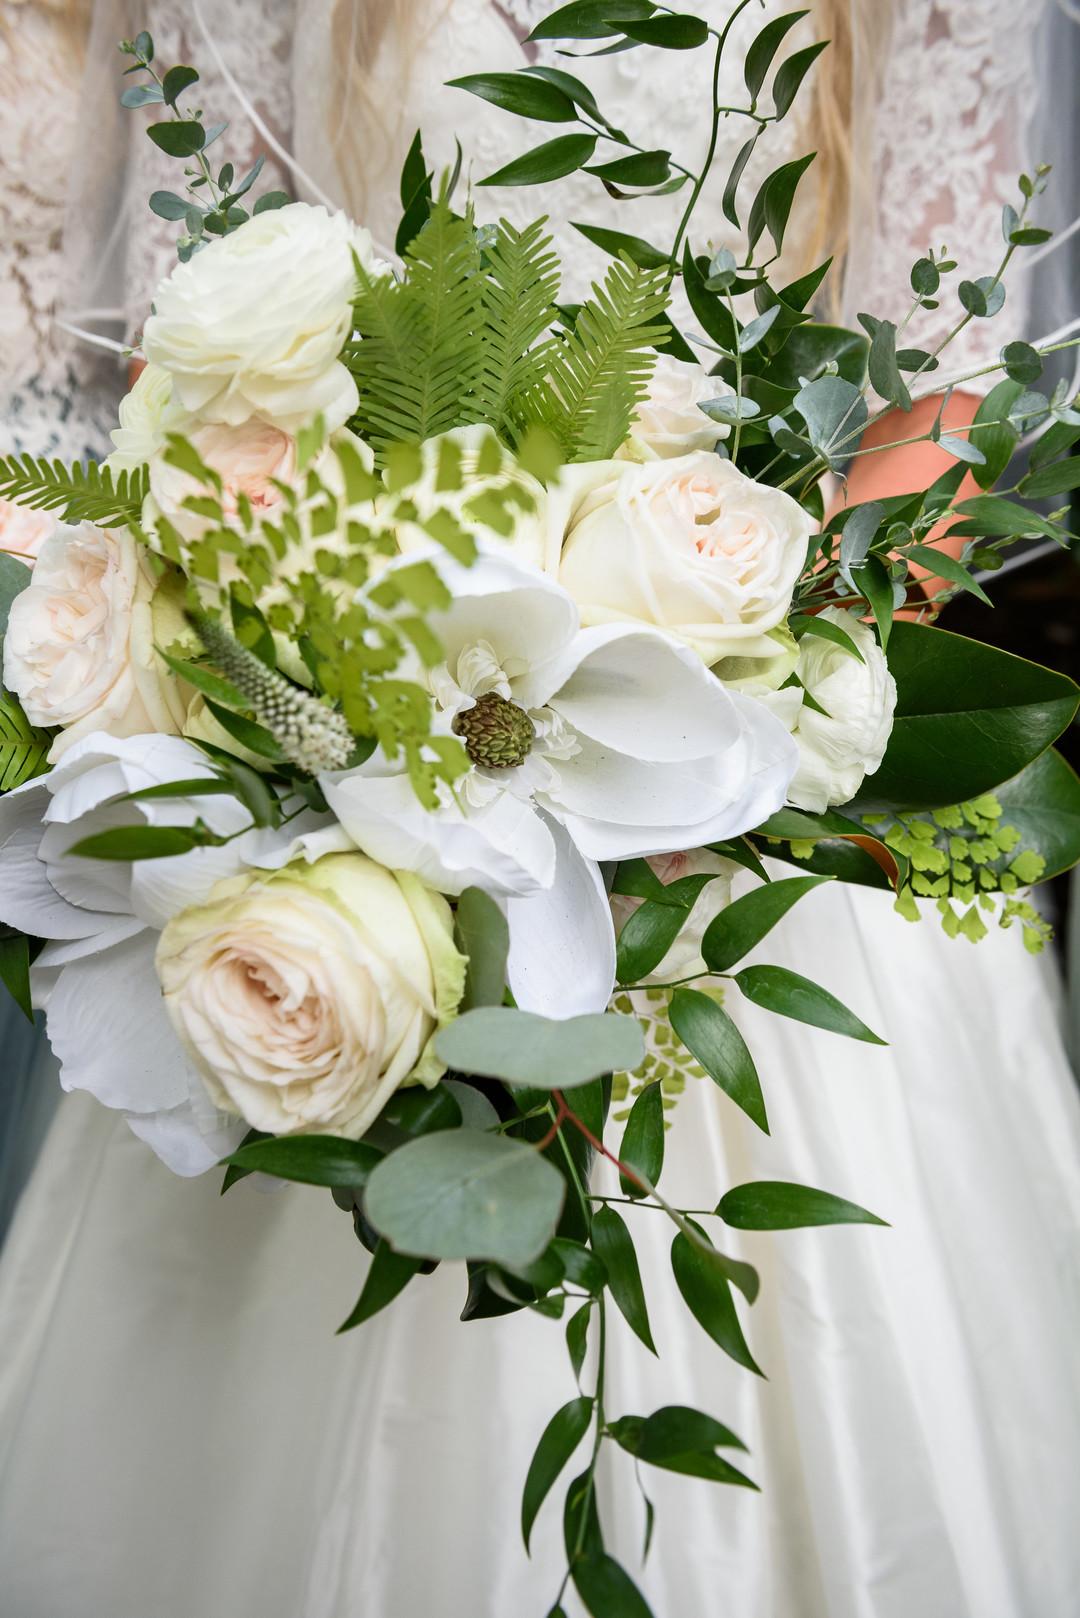 boone-hall-plantation-wedding-27.jpg